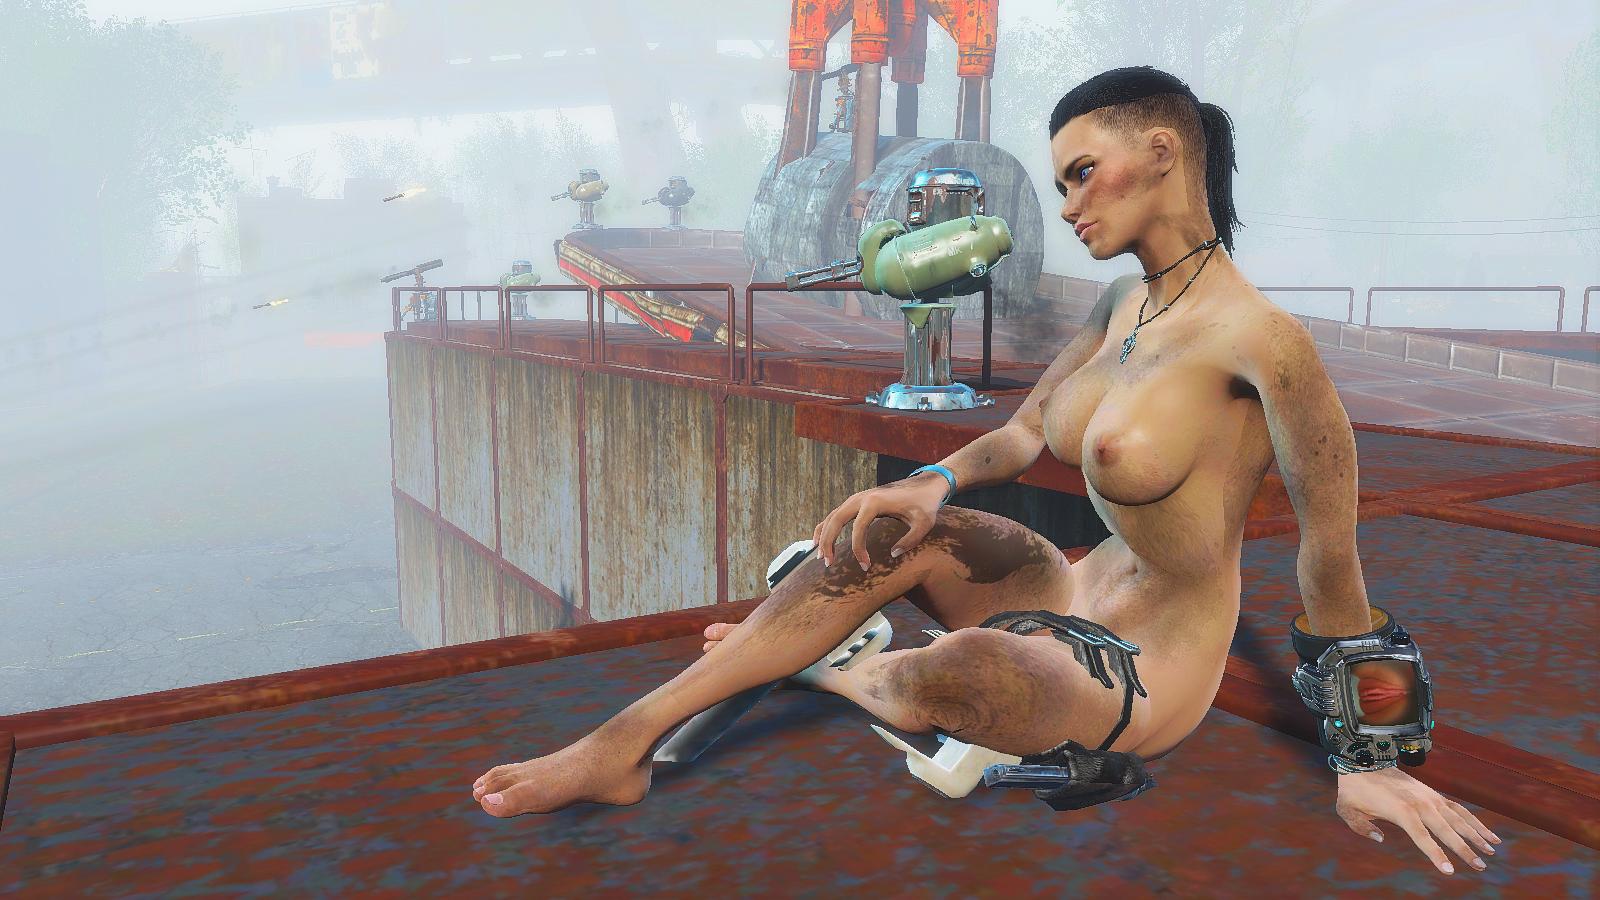 Турели работают, а Ева отдыхает.. Fallout4